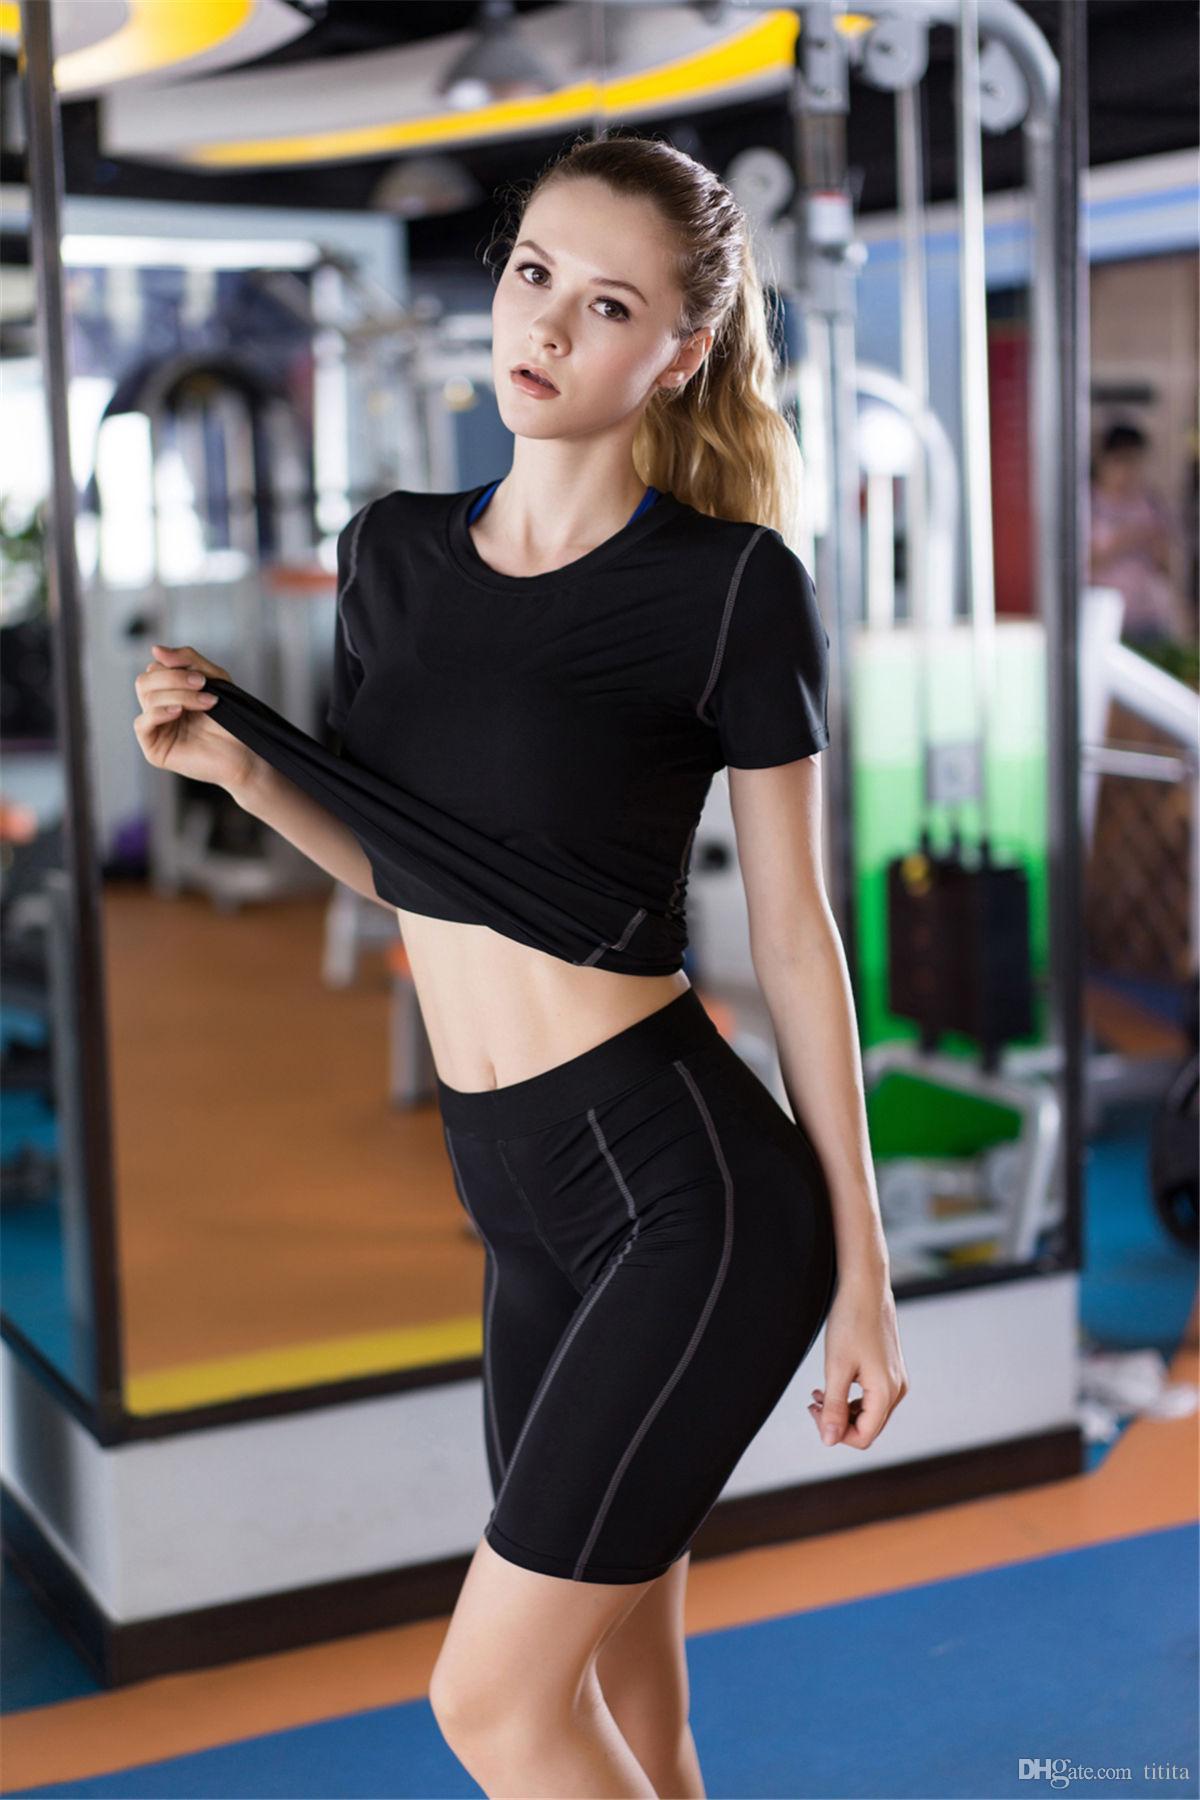 Senhoras Esporte leggings usam calças curtas de verão Mulheres Yoga, correndo, calças de treinamento de fitness Calças Calças Ginásio roupas confortáveis